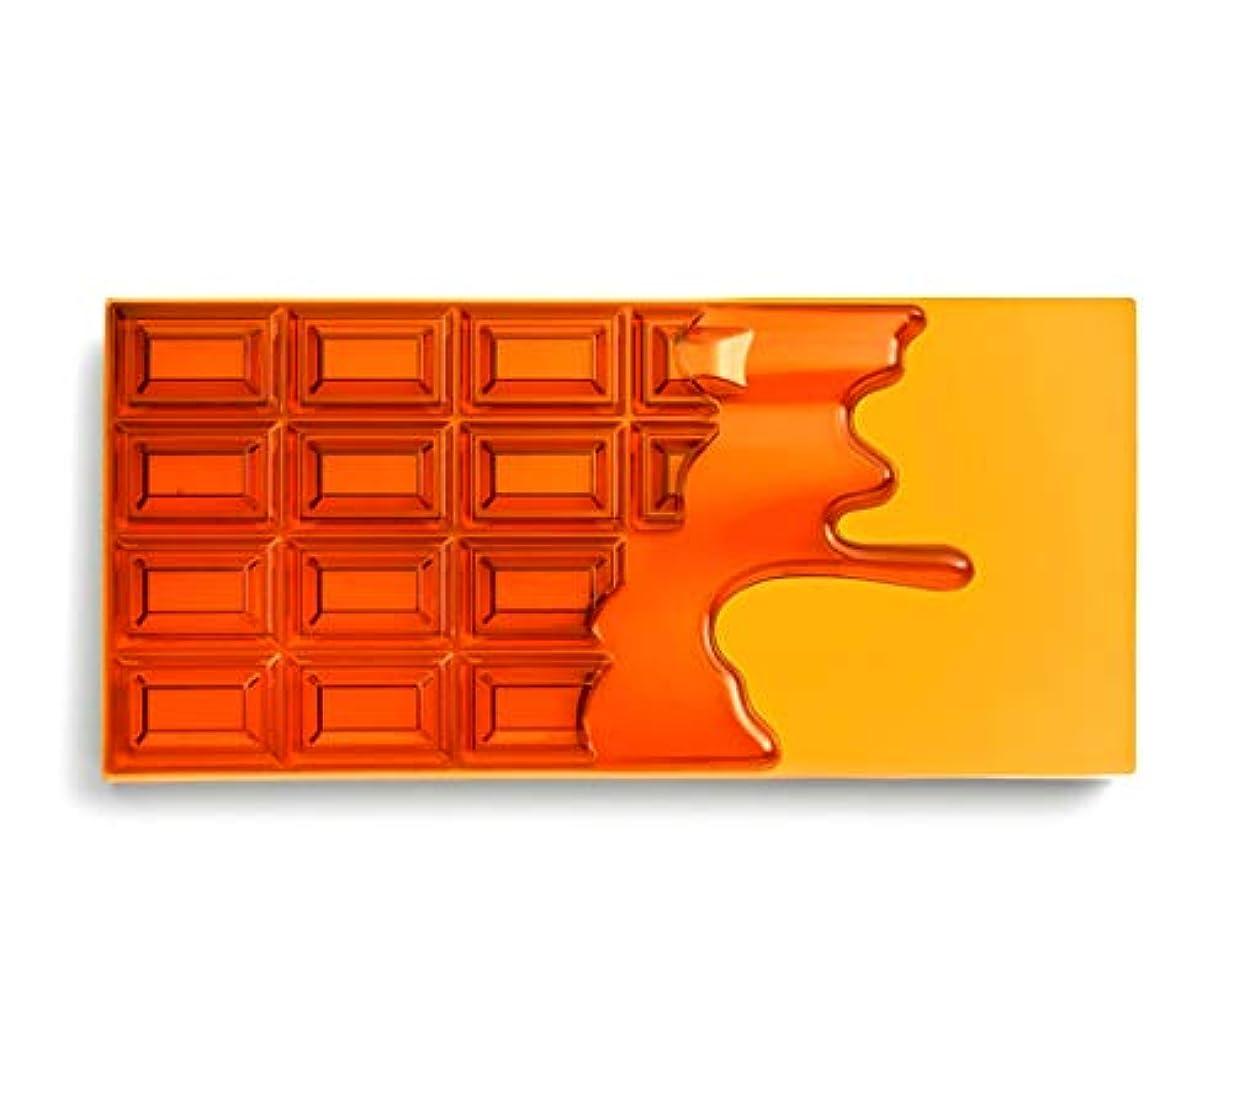 運河正規化ビーチメイクアップレボリューション アイラブメイクアップ チョコレート型18色アイシャドウパレット #Honey Chocolate ハニーチョコレートパレット アイシャドウ